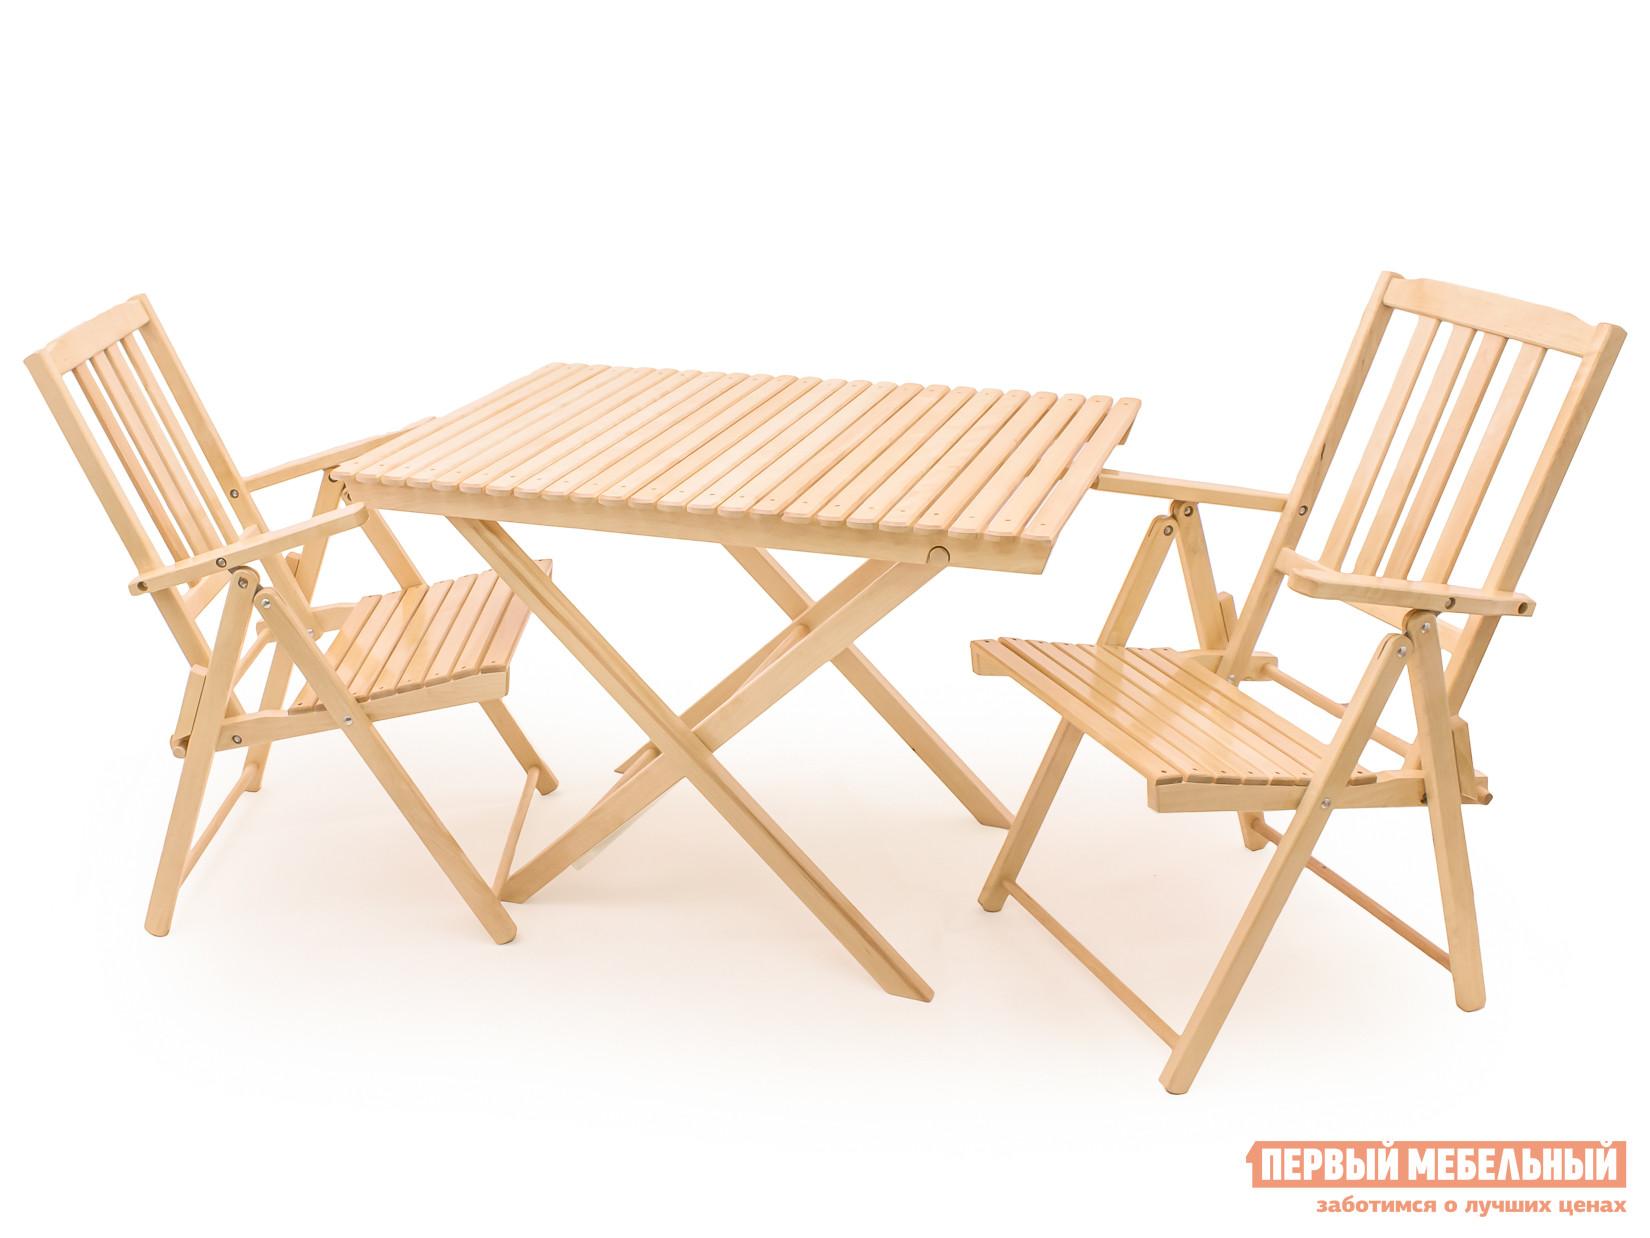 Комплект садовой мебели СМКА СМ004Б+СМ047Б 2 шт Береза